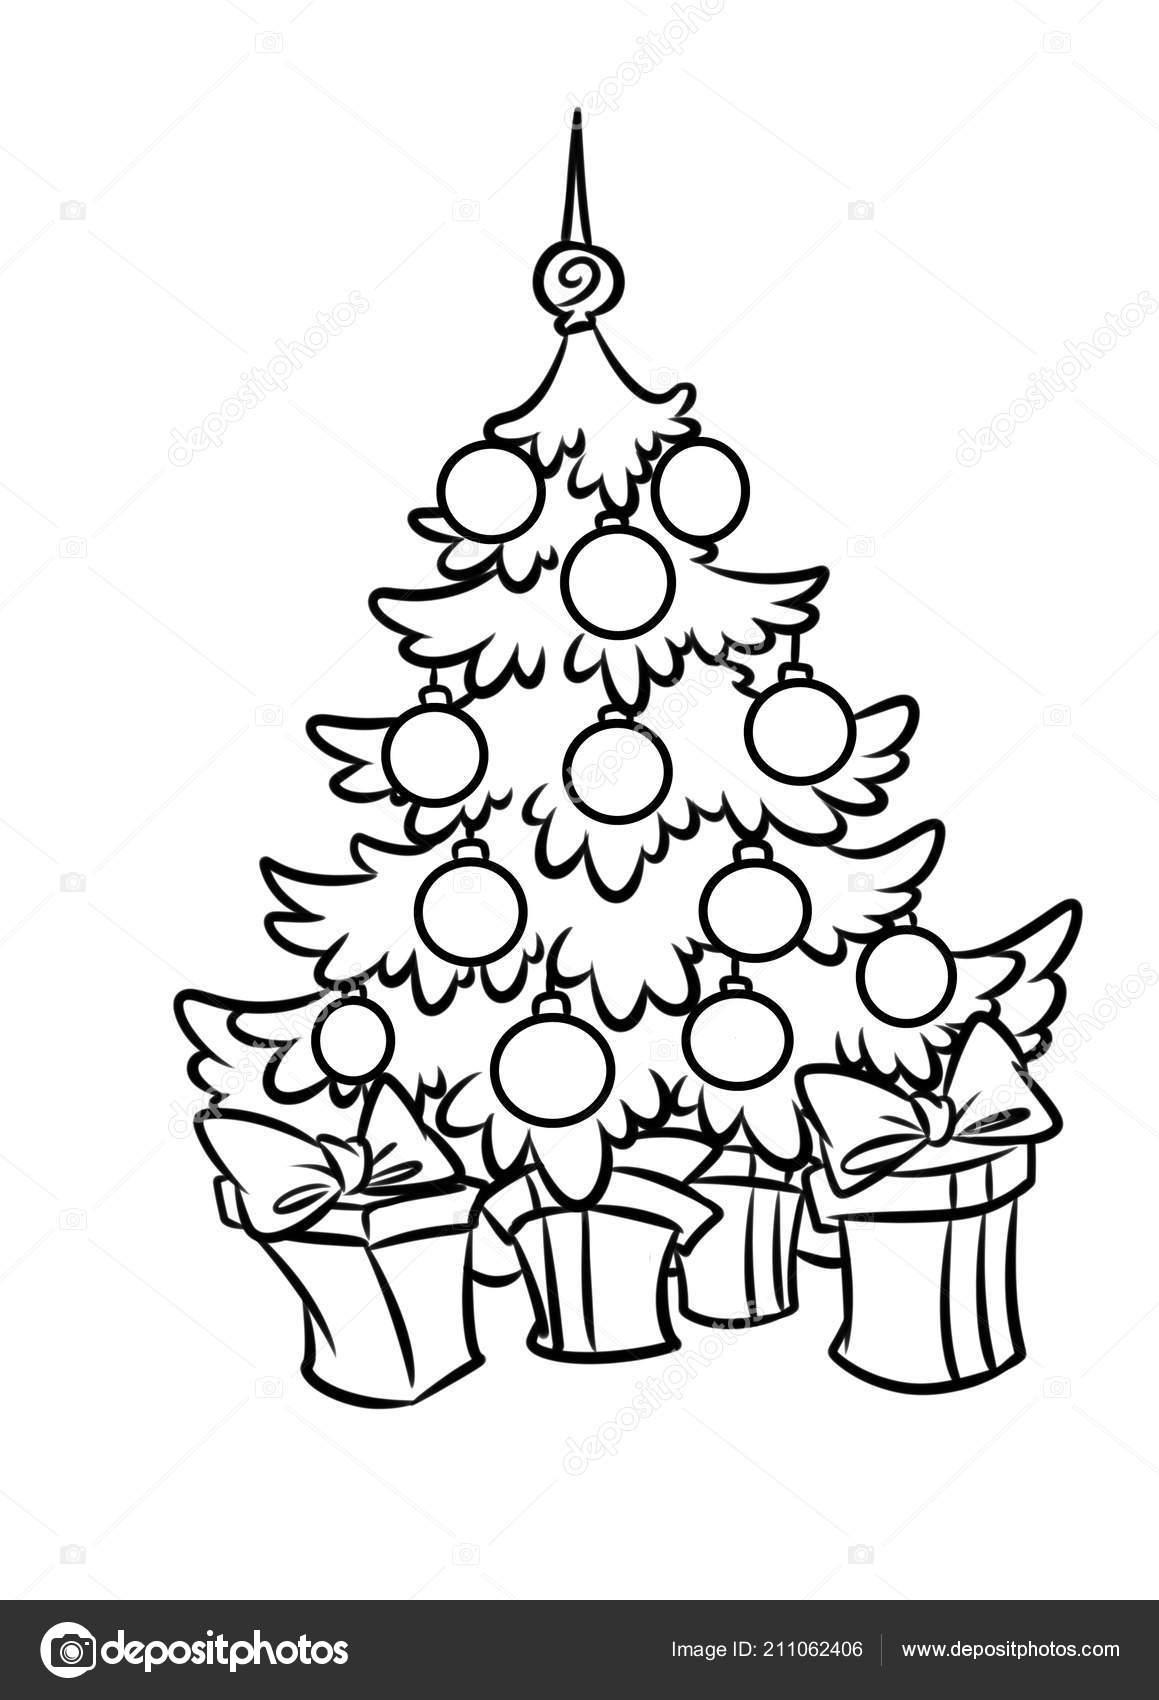 Giften Van Vakantie Van Kerstmis Mooie Kerstboom Cartoon Geisoleerde